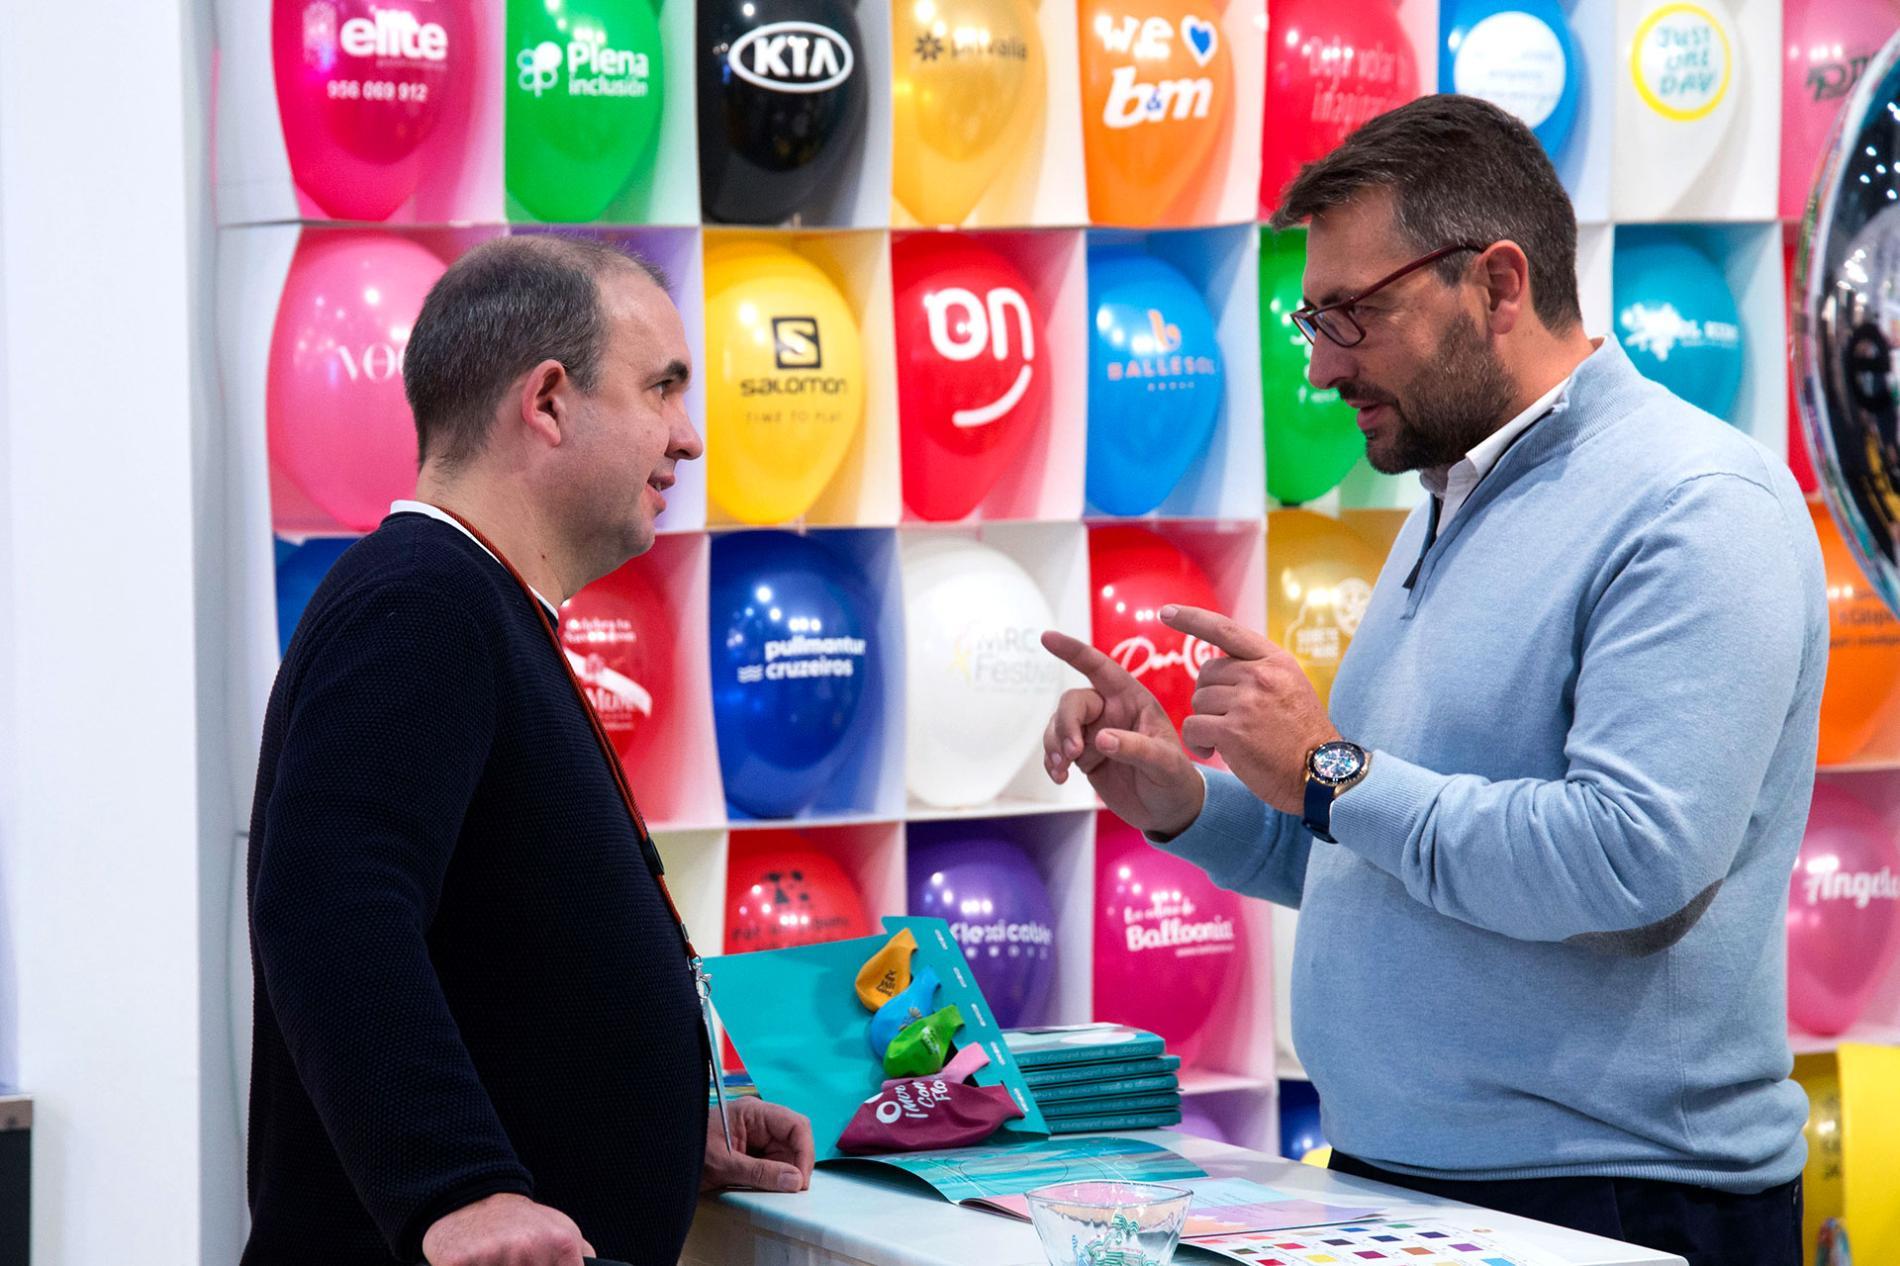 Profesionales conversando junto a globos promocionales